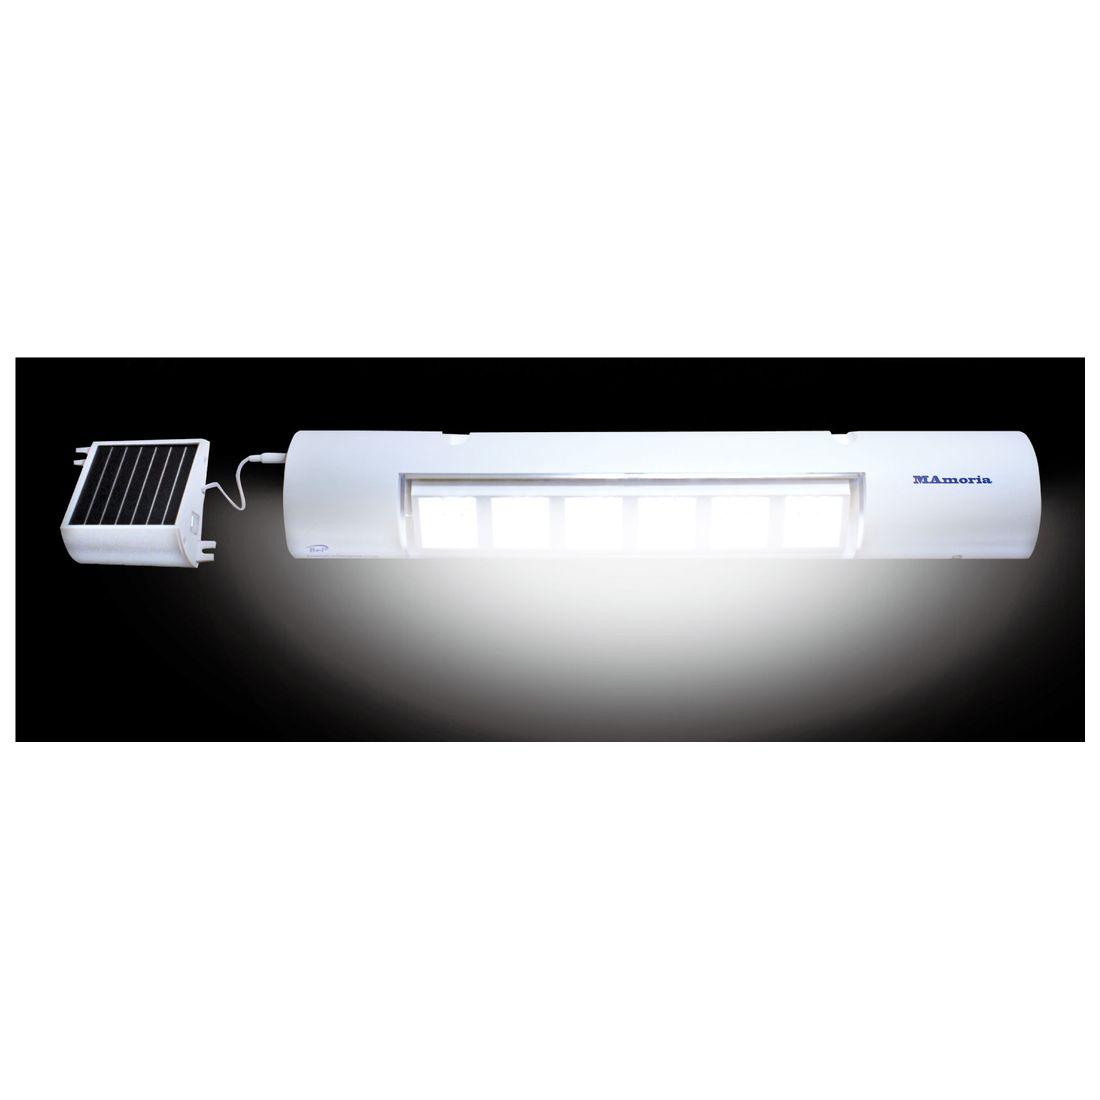 ブラザーエンタープライズ 振動検知照明装置 MAmoria MAmoria-1